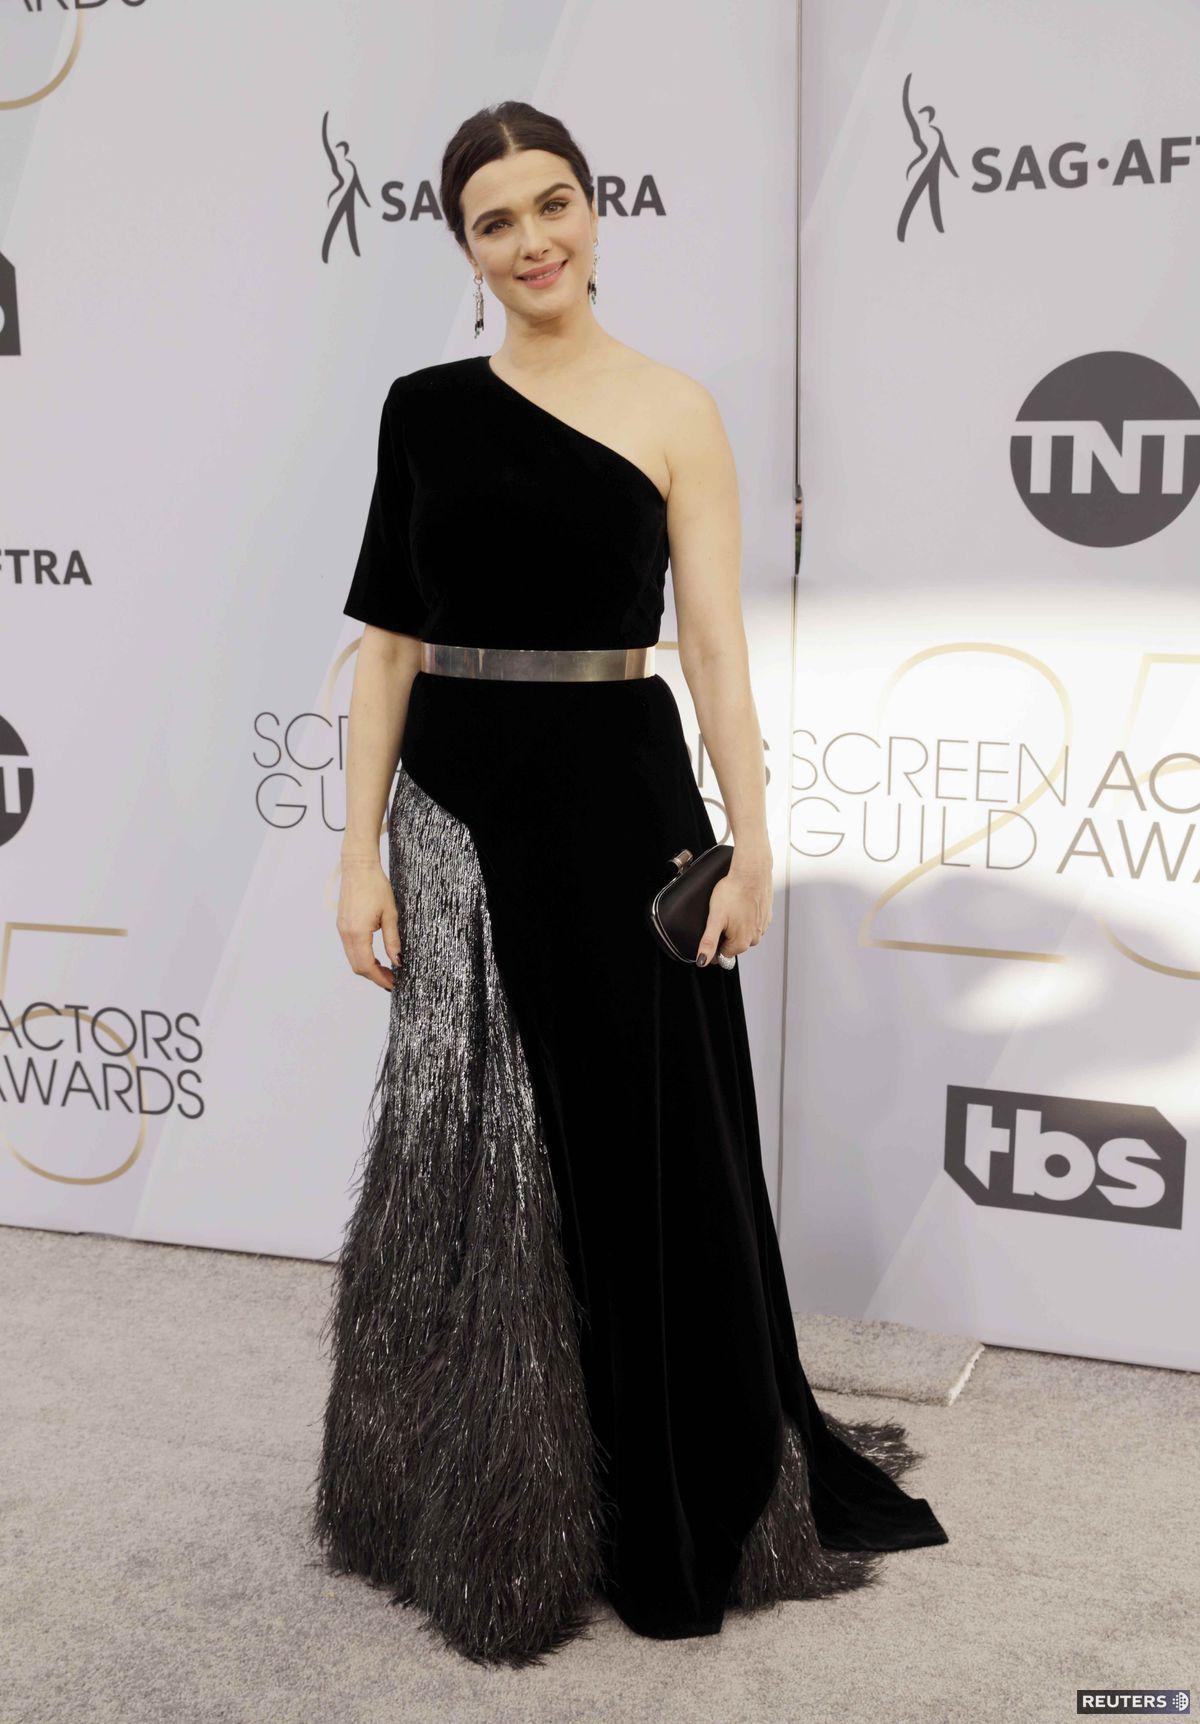 Herečka Rachel Weisz prišla v kreácii Givenchy...